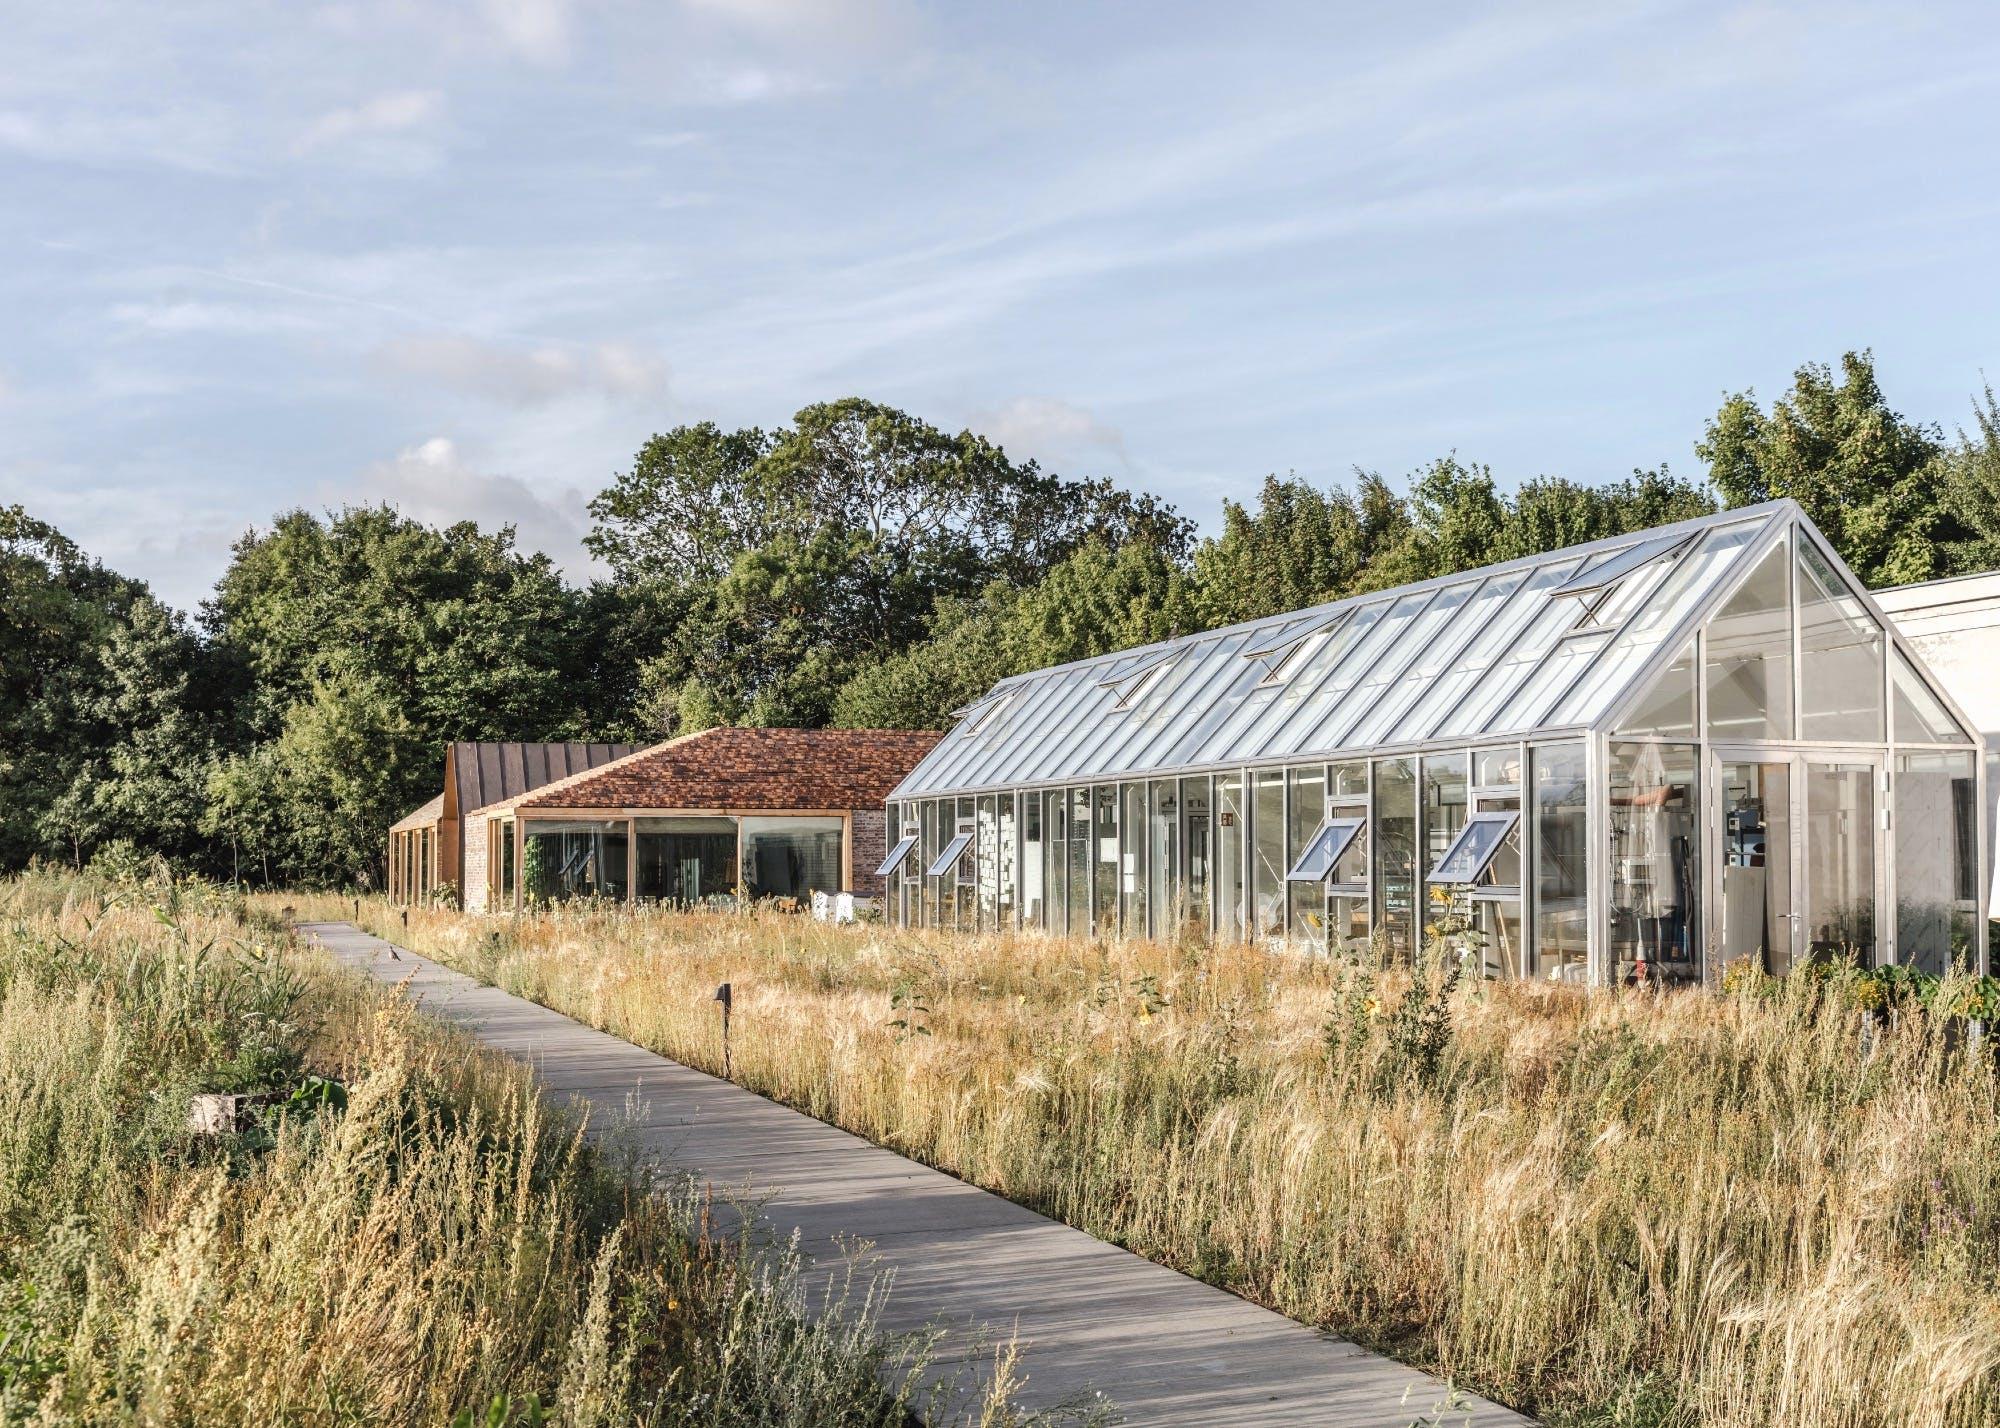 Big Designs Noma Restaurant S New Garden Village Home In